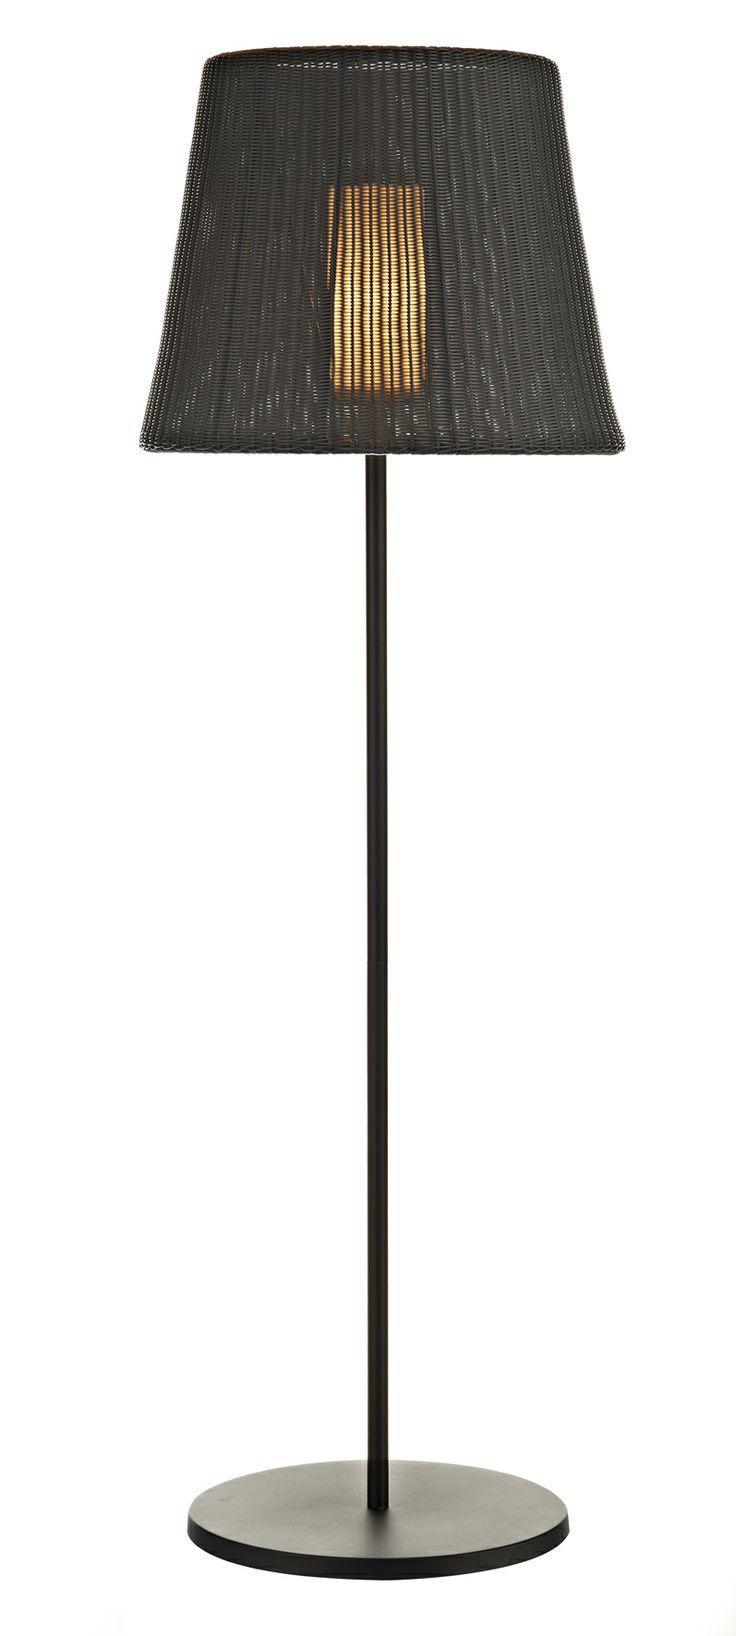 Outdoor floor lamp - Ibi4922 Outdoor Floor Lamp